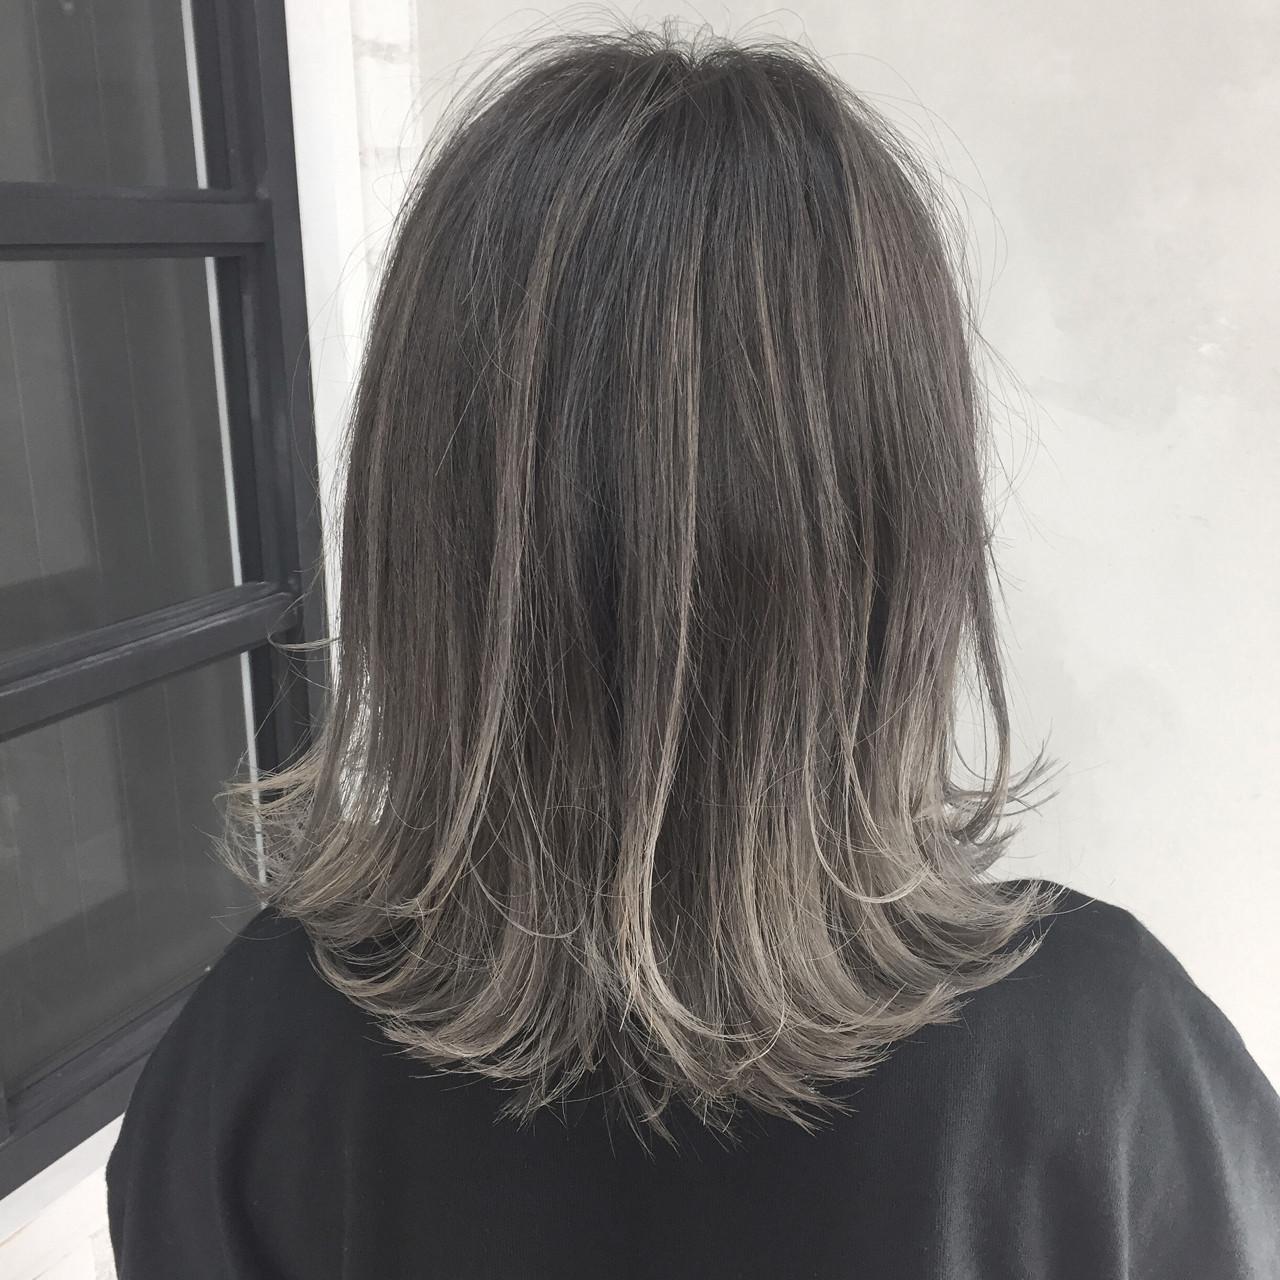 【ブリーチなしでも可愛い!】黒に近い髪色×暗めアッシュ大公開♡の19枚目の画像